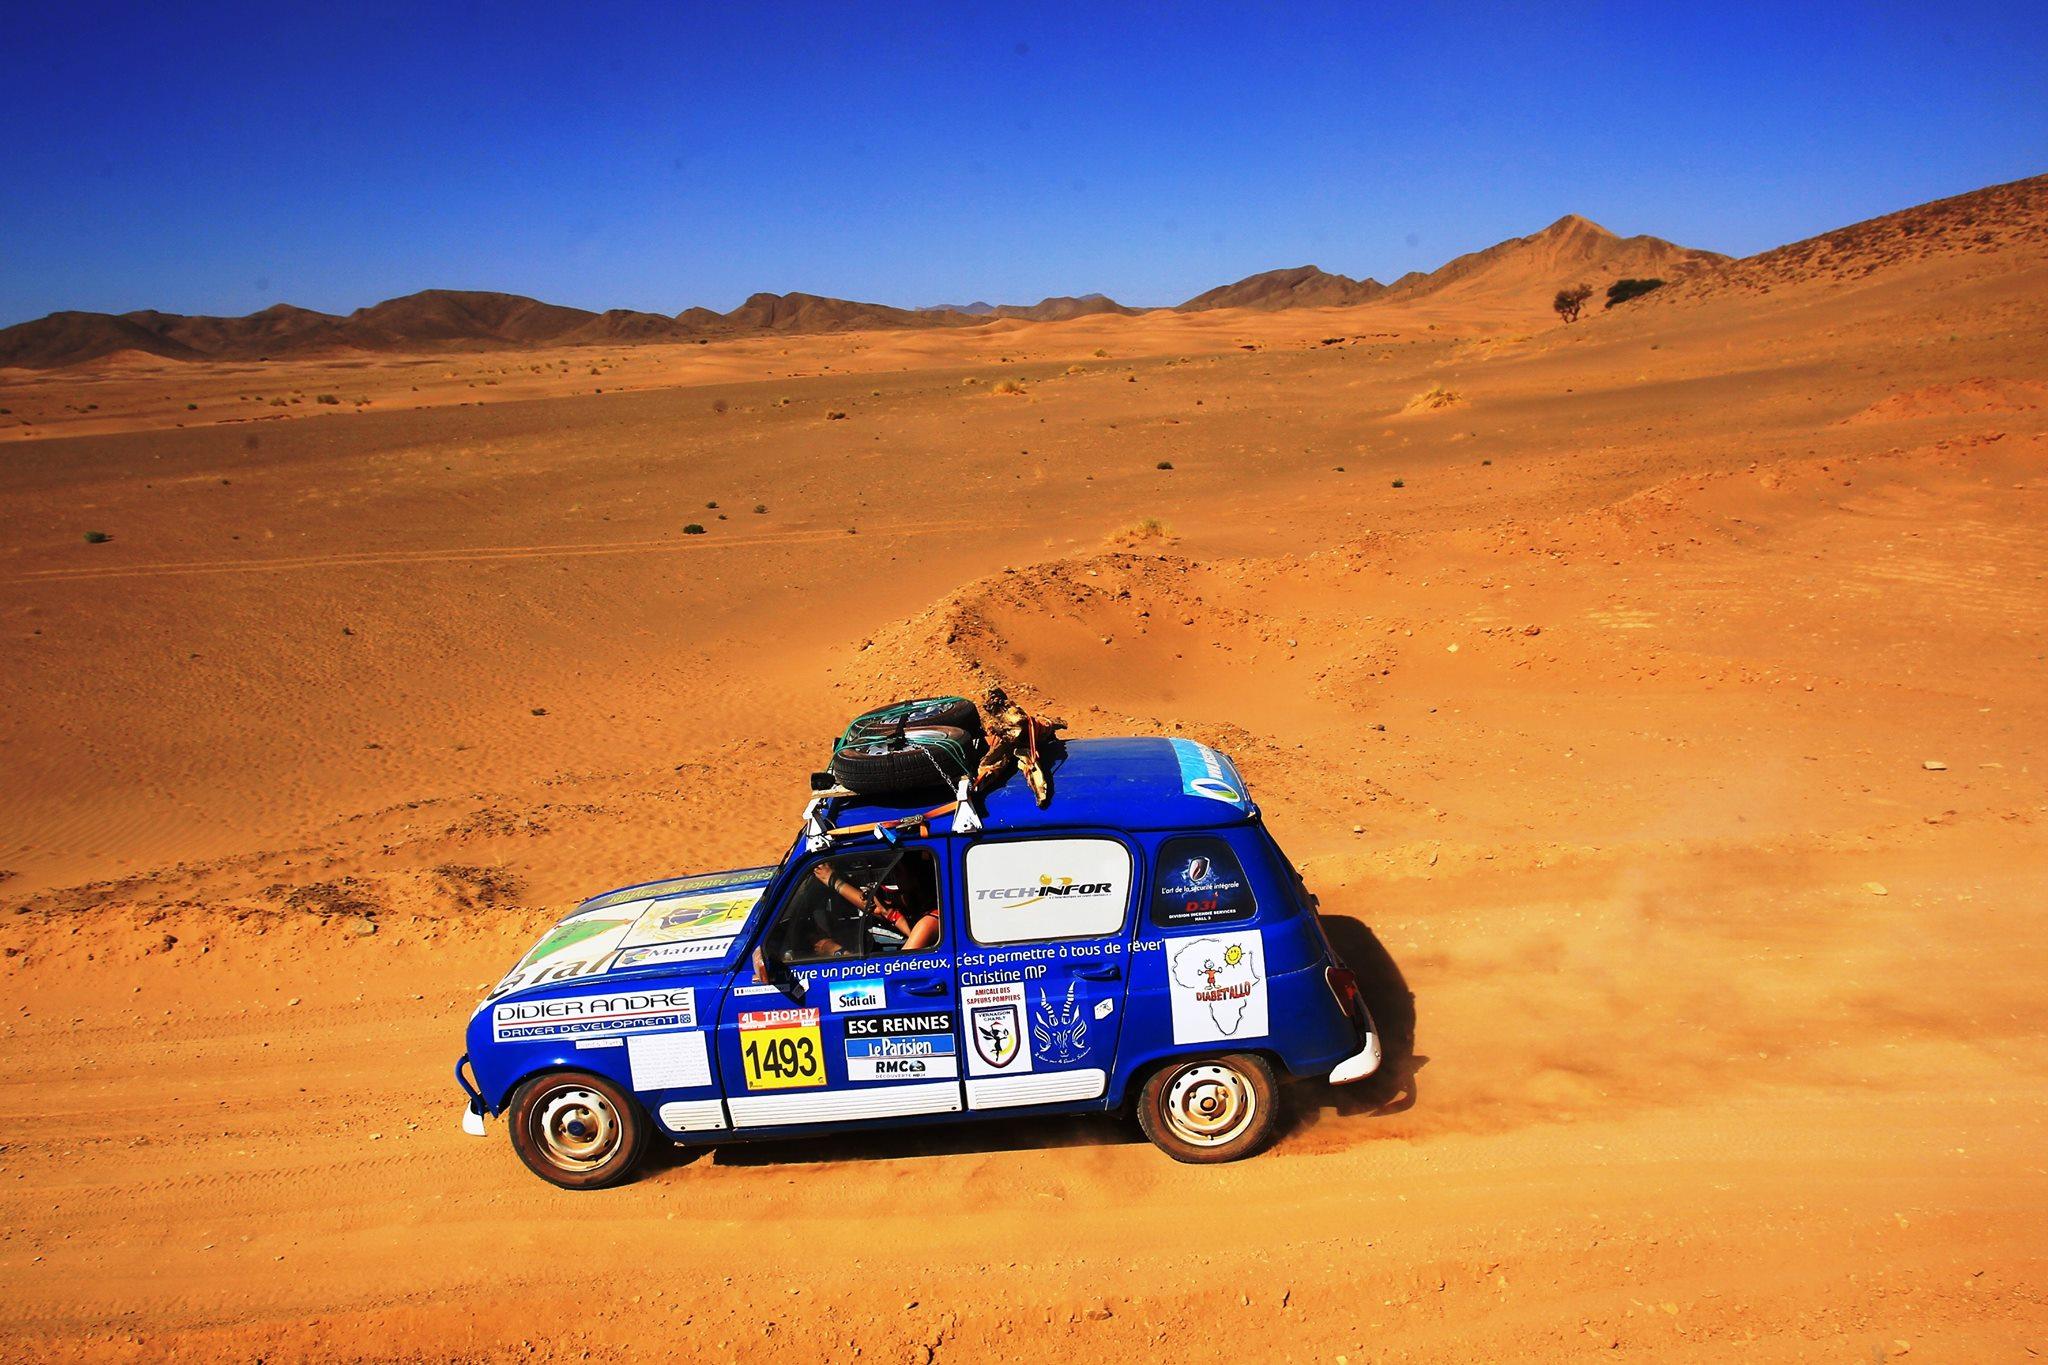 Les binôme des participantes, en plein rallye dans le désert (Dunes de merzouga - Sahara)